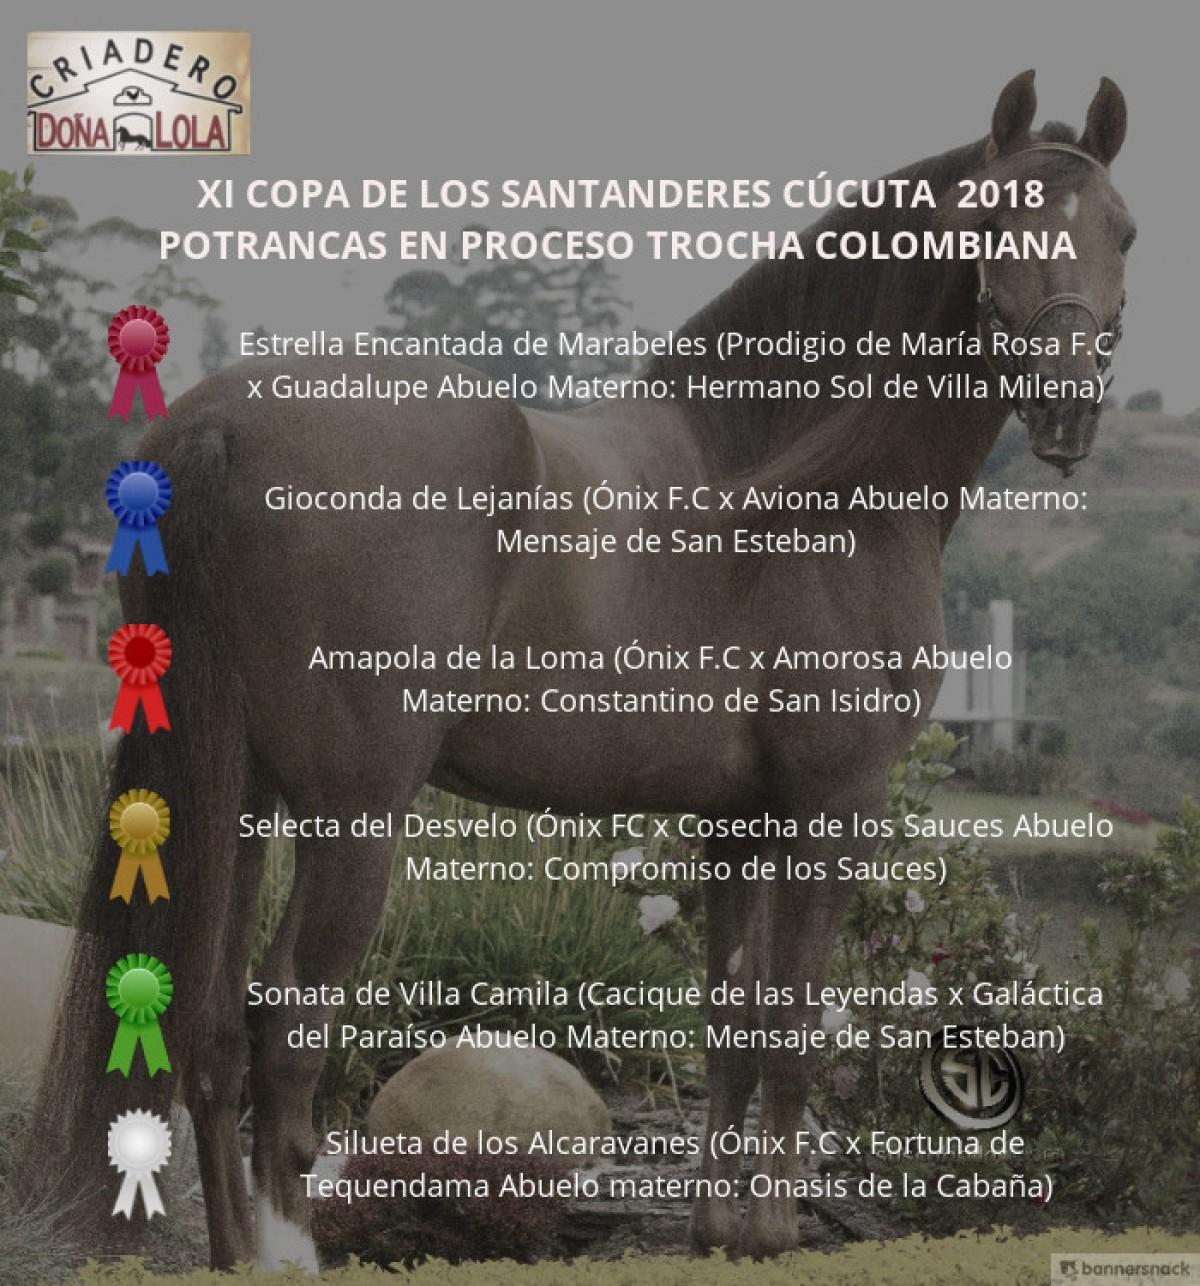 VÍDEO: Estrella Mejor, Gioconda 1P, Potranca Trocha Colombiana, Cúcuta 2018